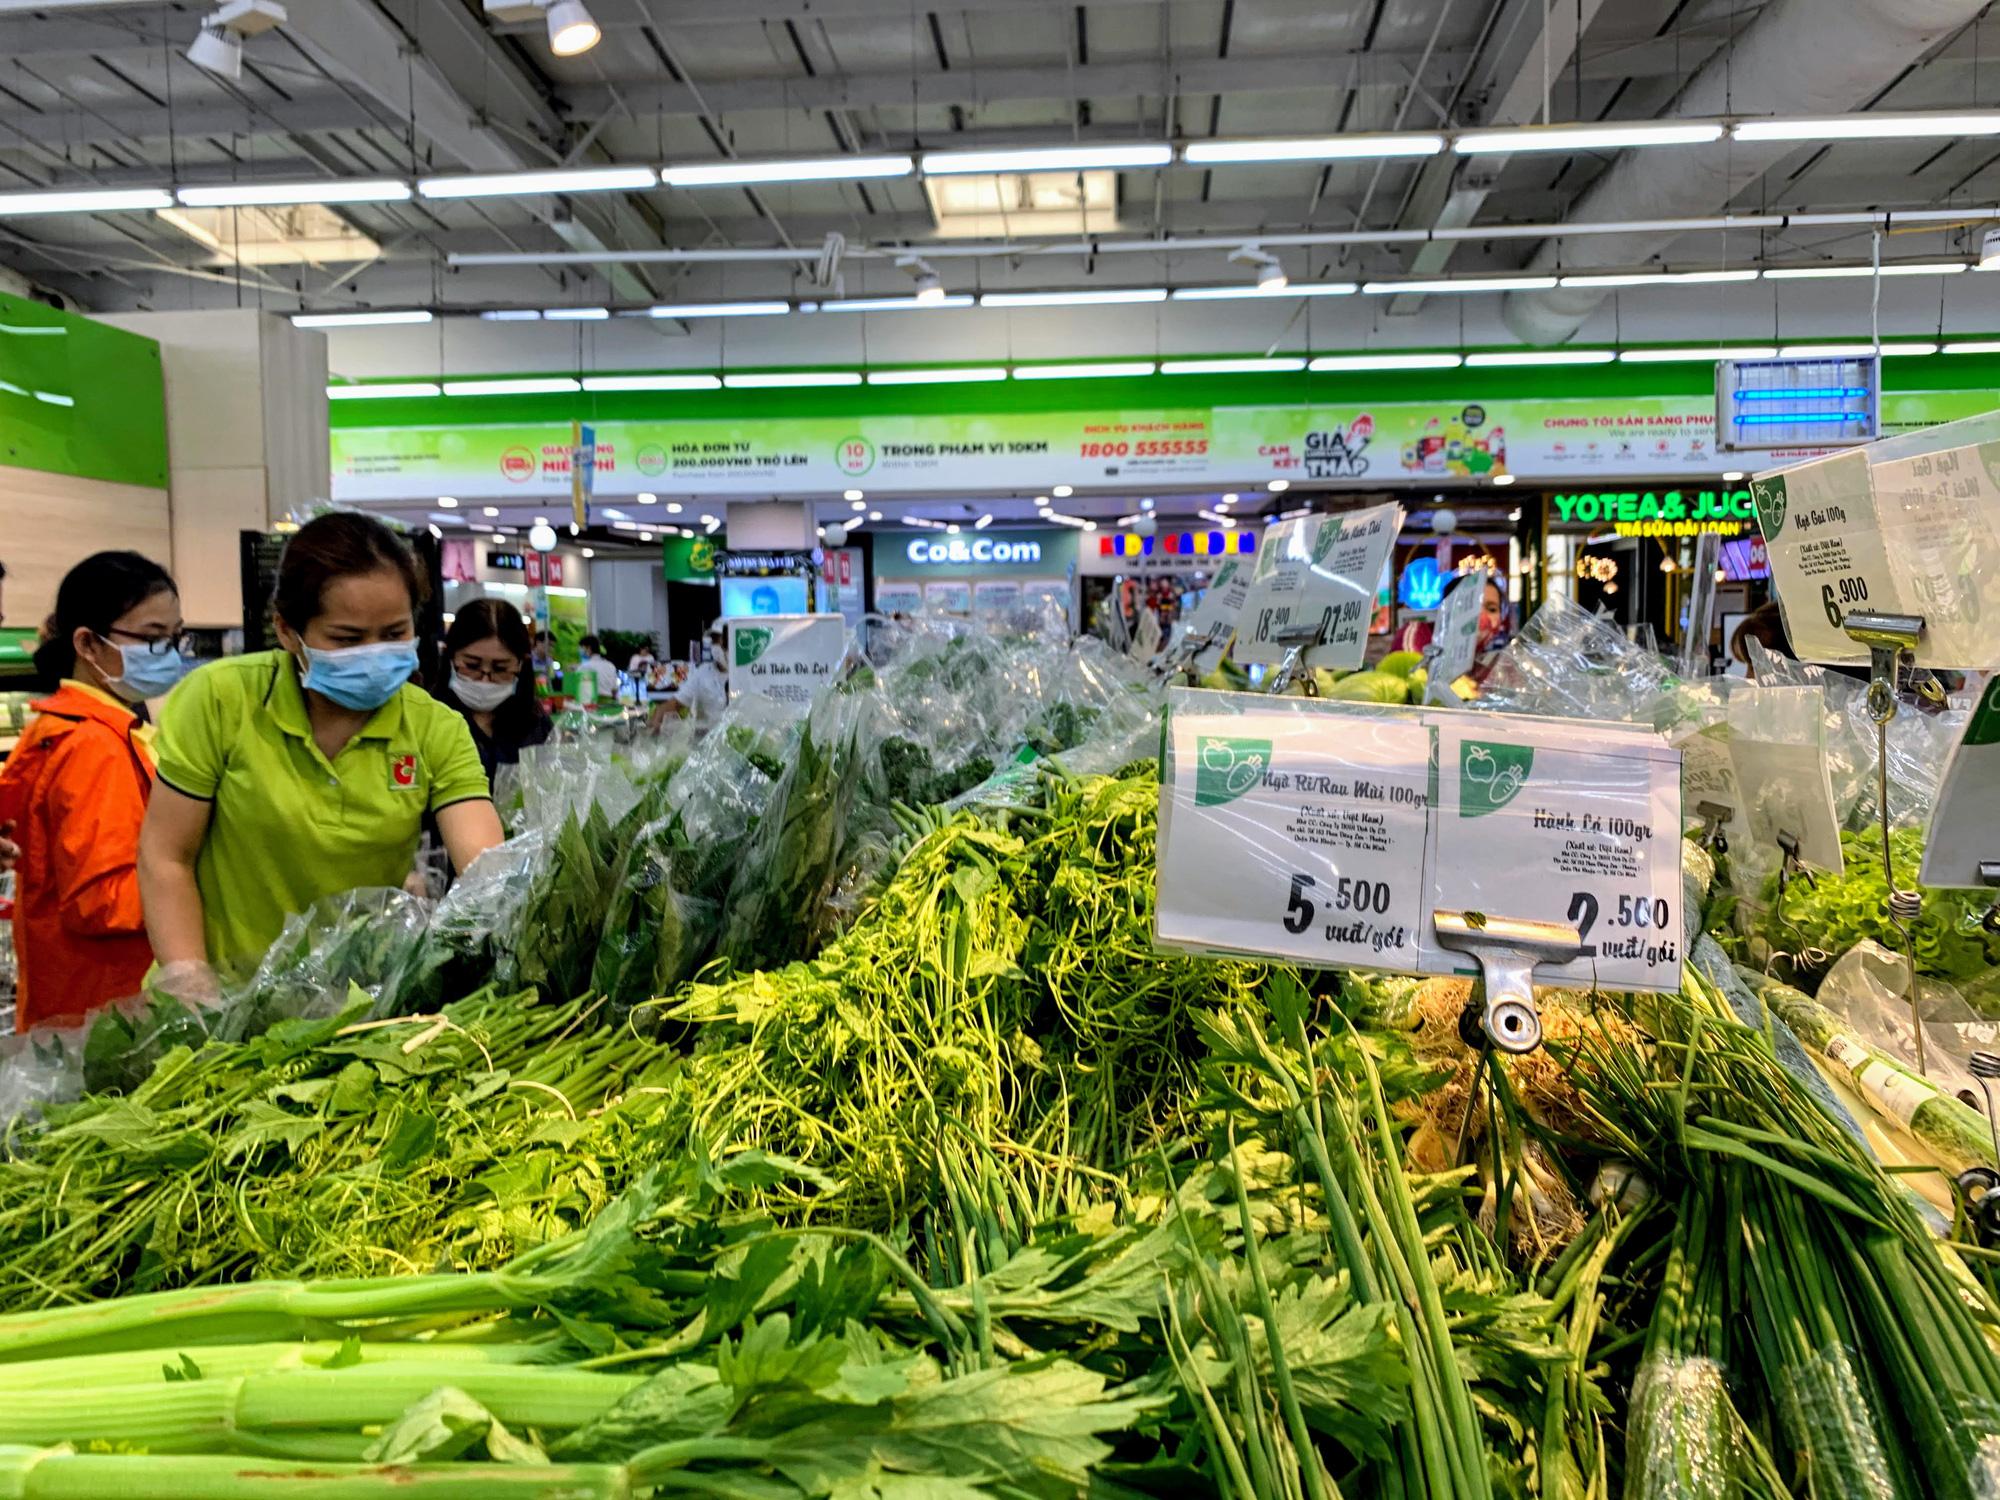 Hàng hoá trở lại đầy ắp trong siêu thị, người dân thảnh thơi mua sắm - Ảnh 1.